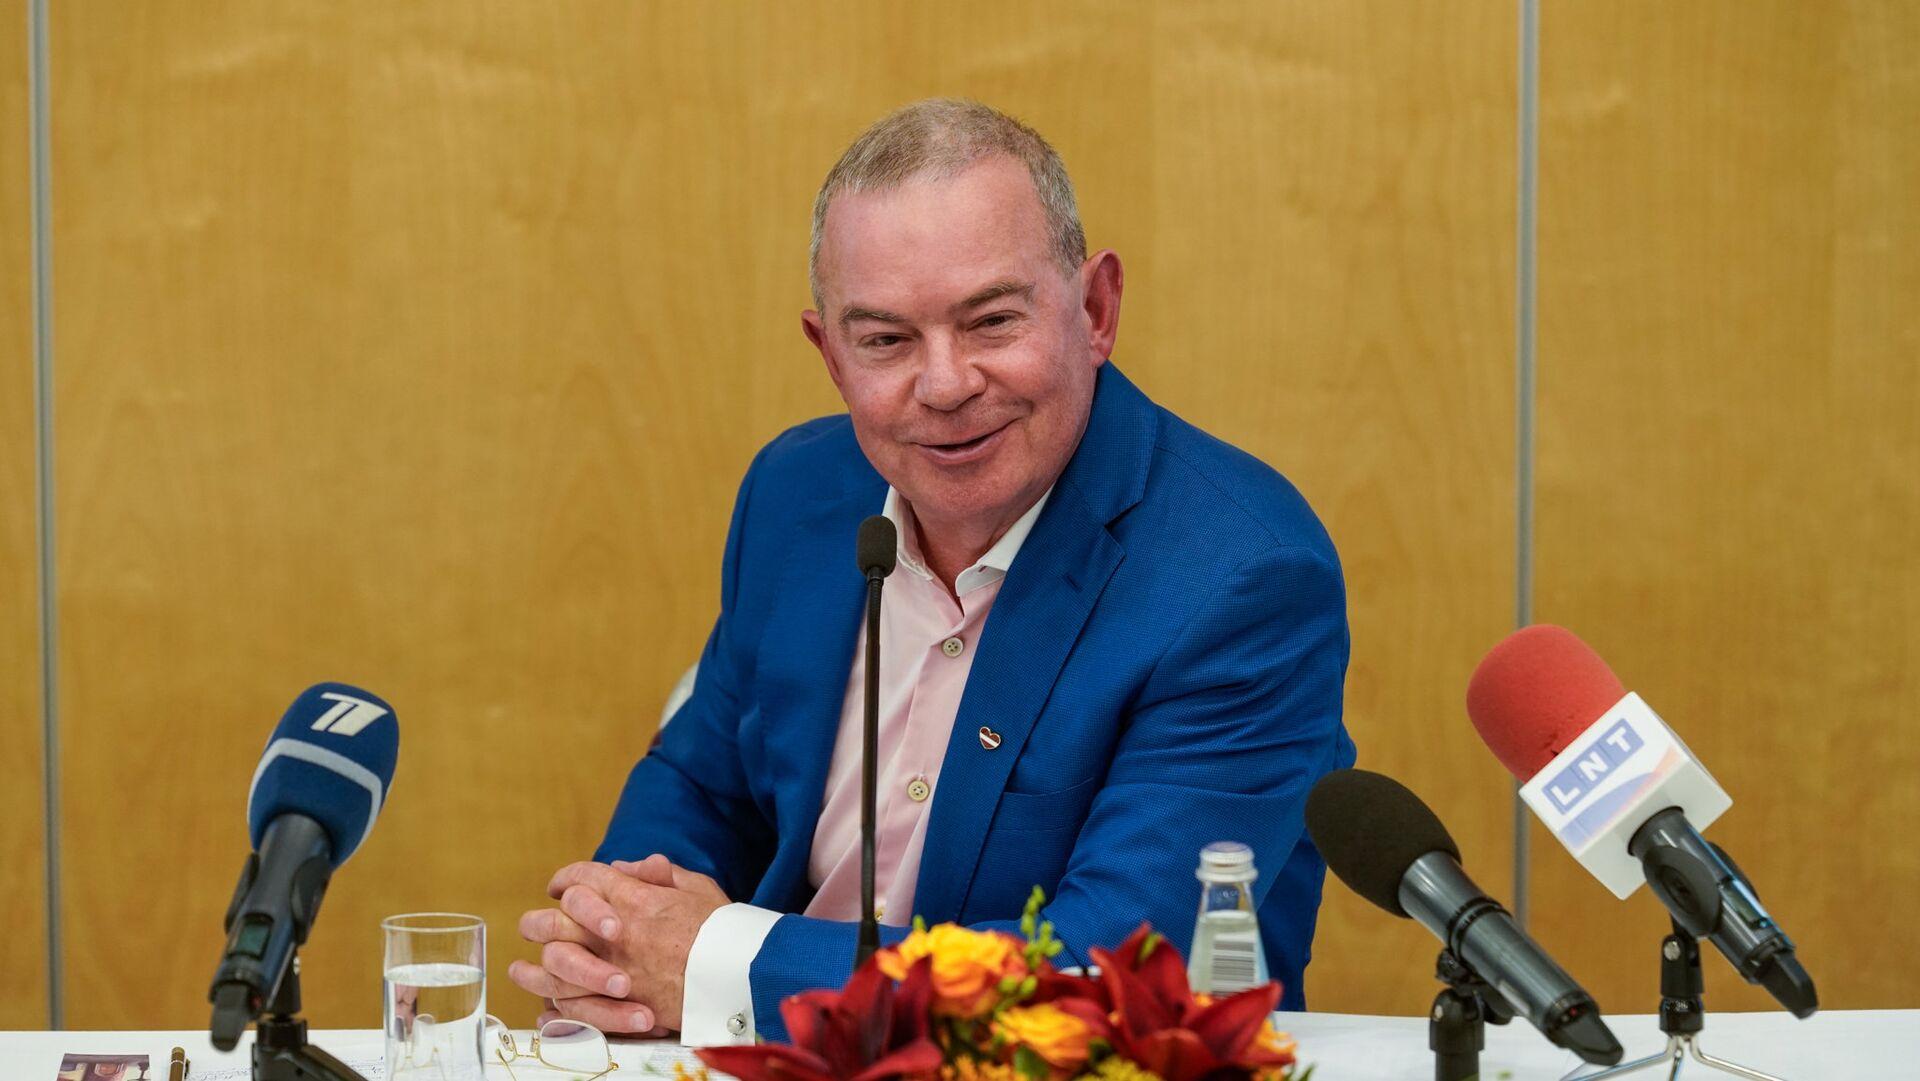 Пресс-конференция мэра Вентспилса Айварса Лембергса - Sputnik Латвия, 1920, 29.09.2021